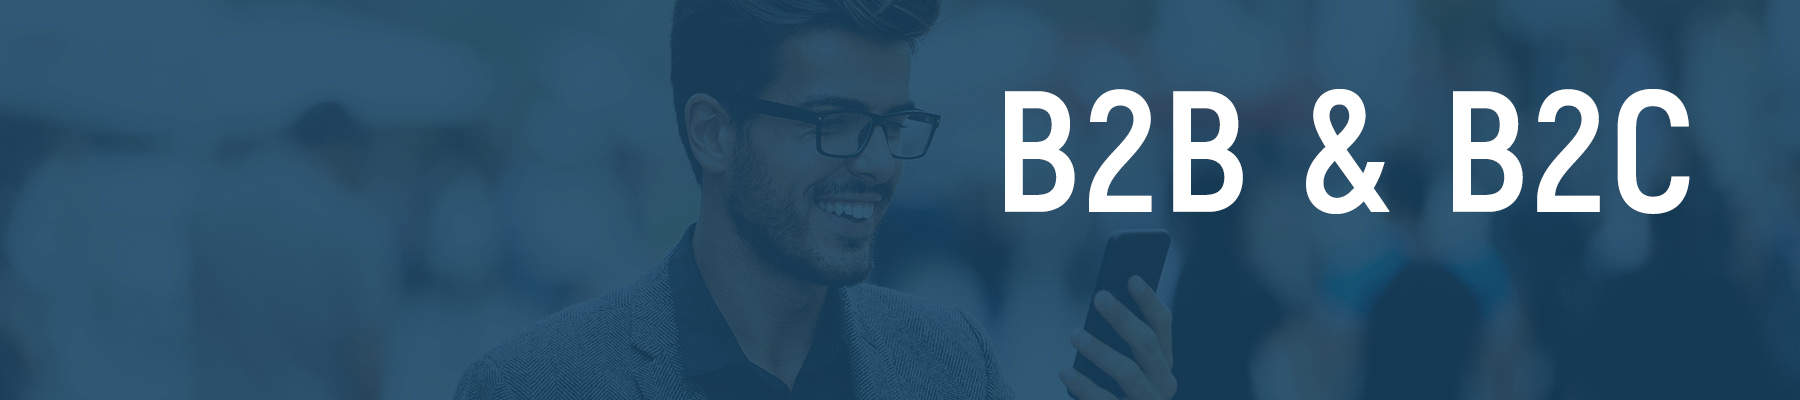 B2B / B2C Recharge Portals